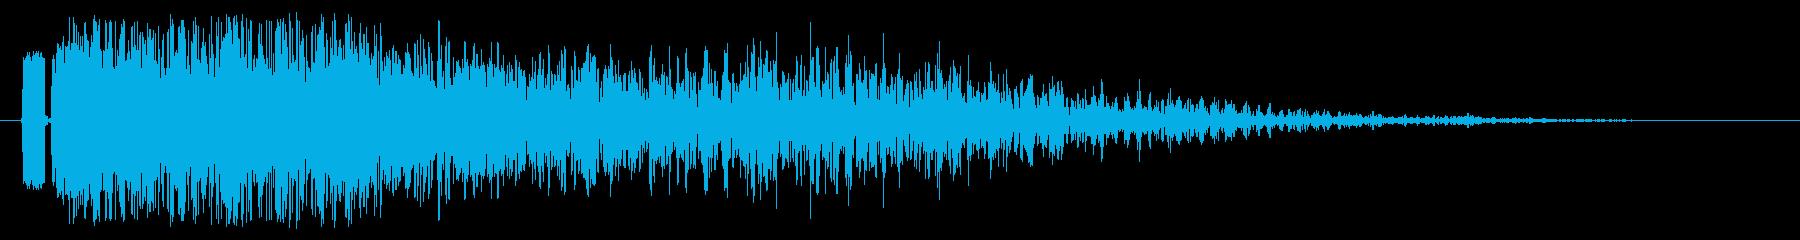 ヘビーグリティバーストエクスプロージョンの再生済みの波形